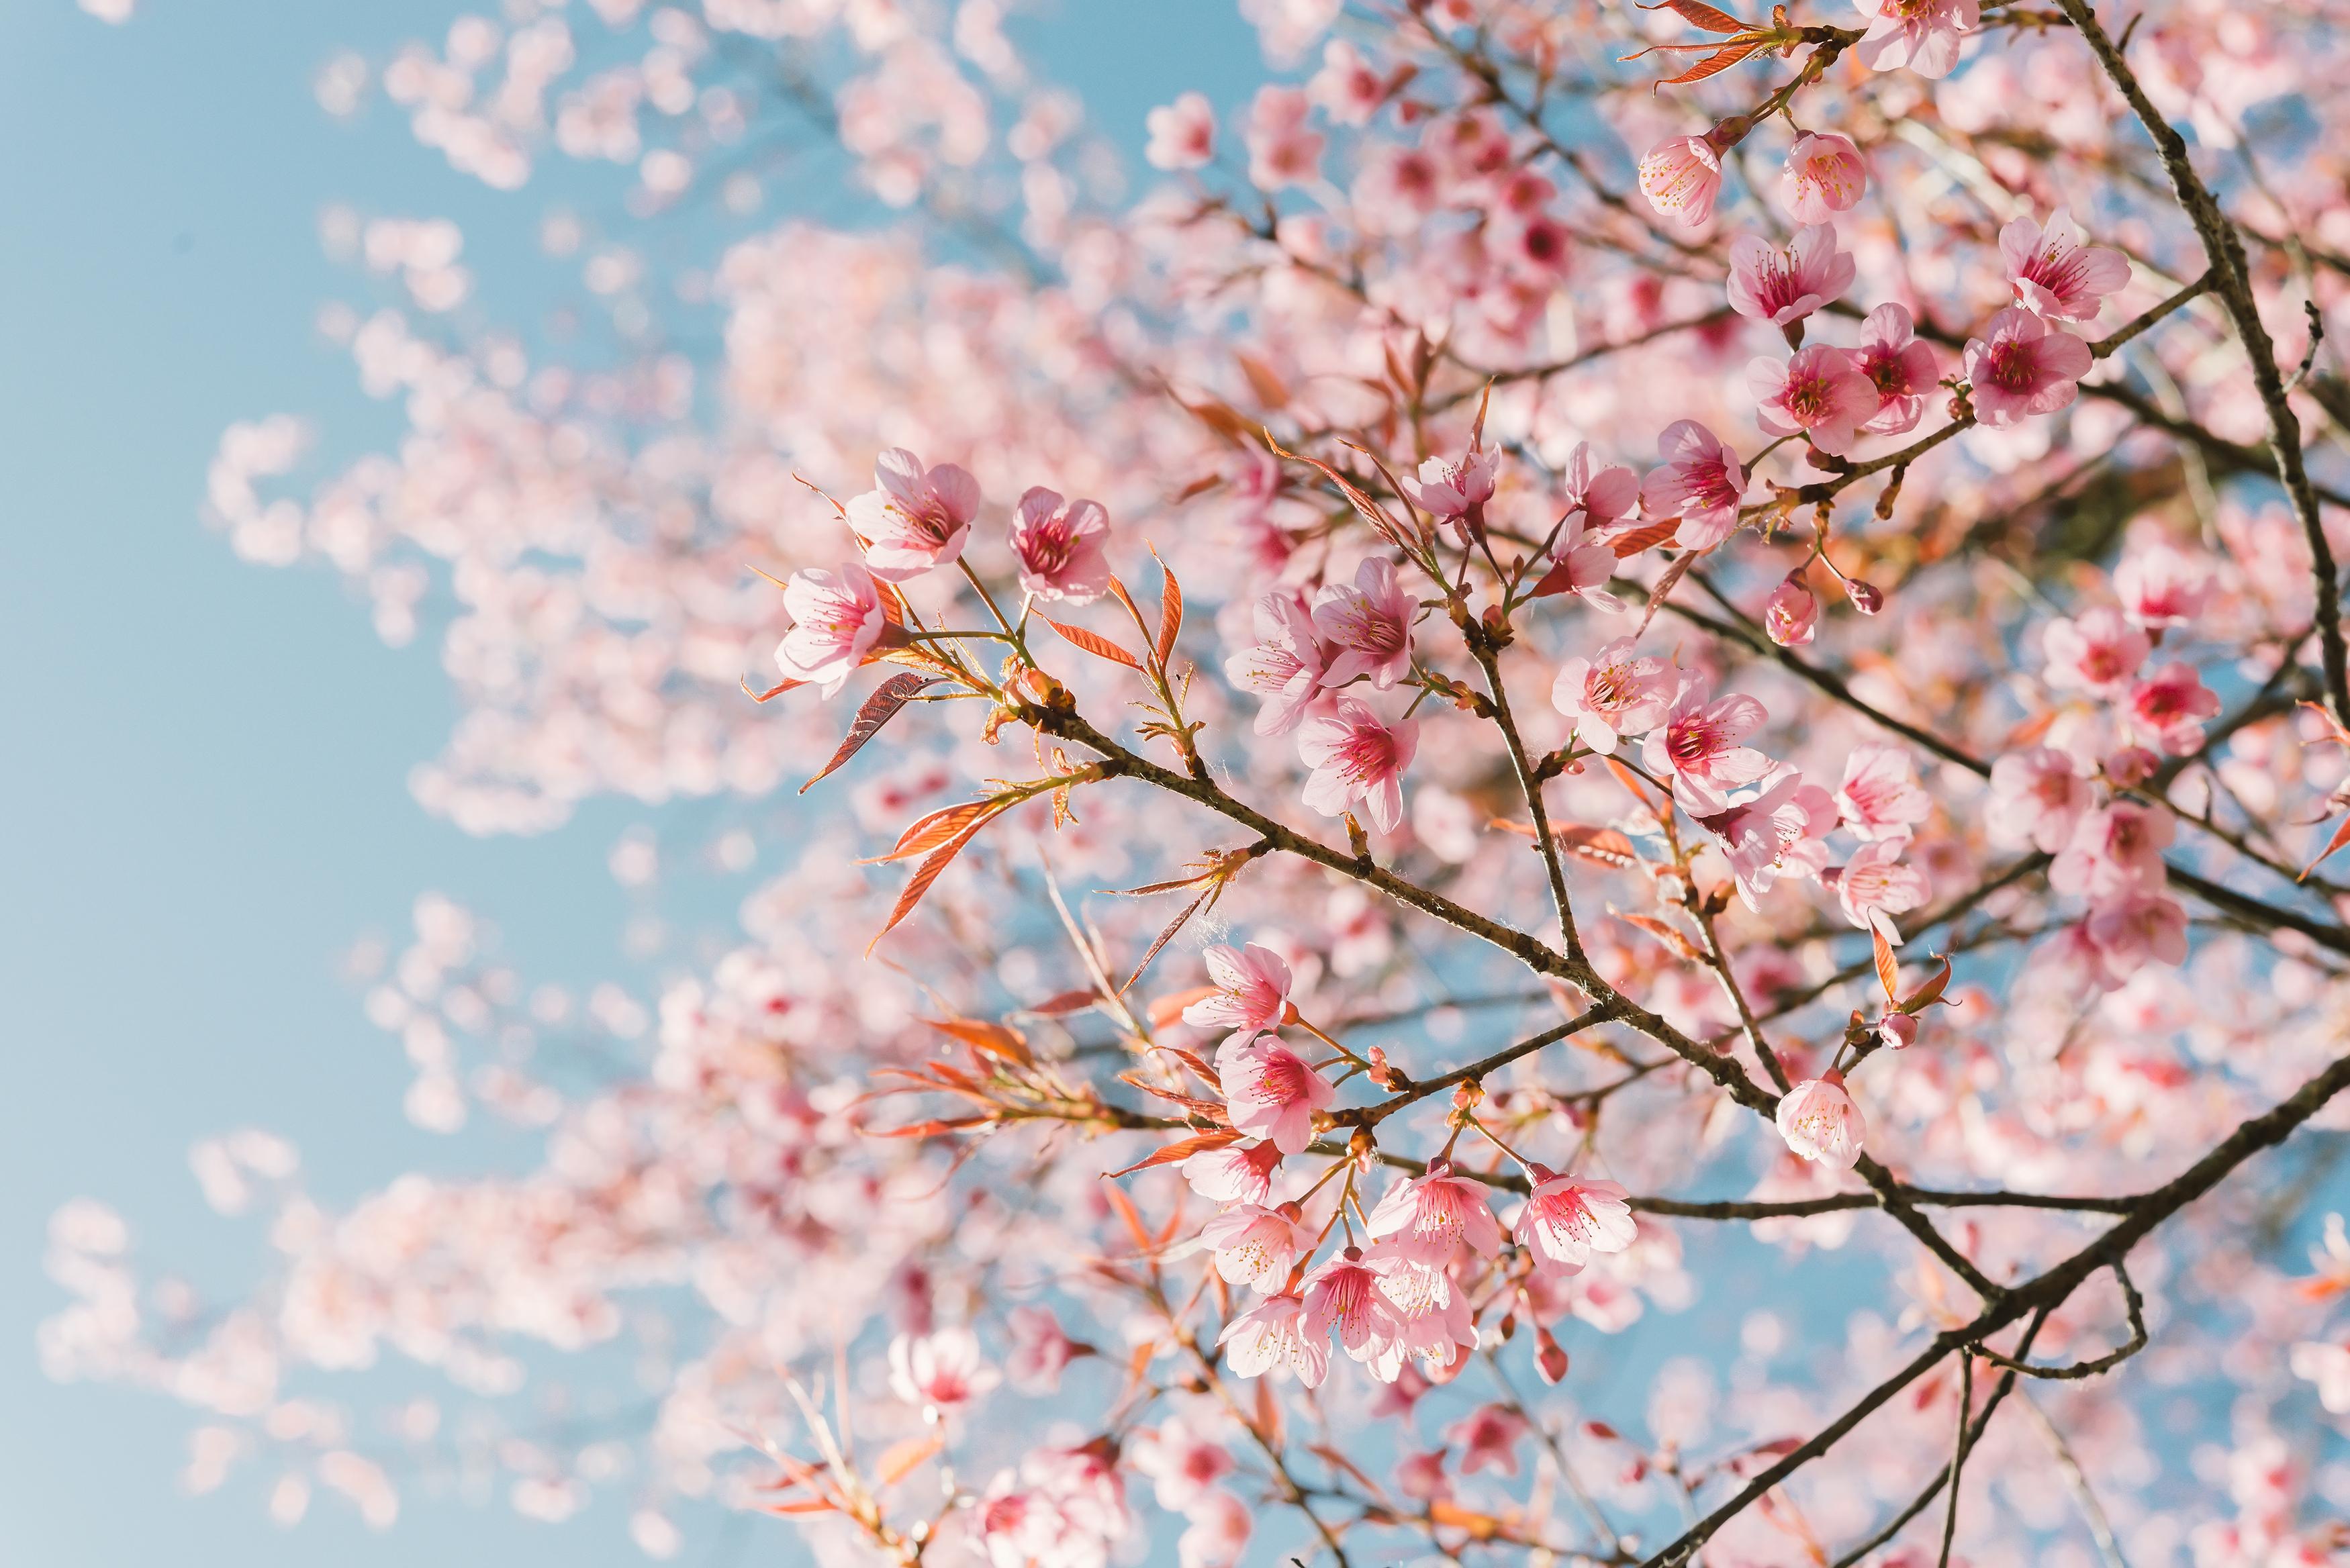 rosa-flor-del-cerezojpg